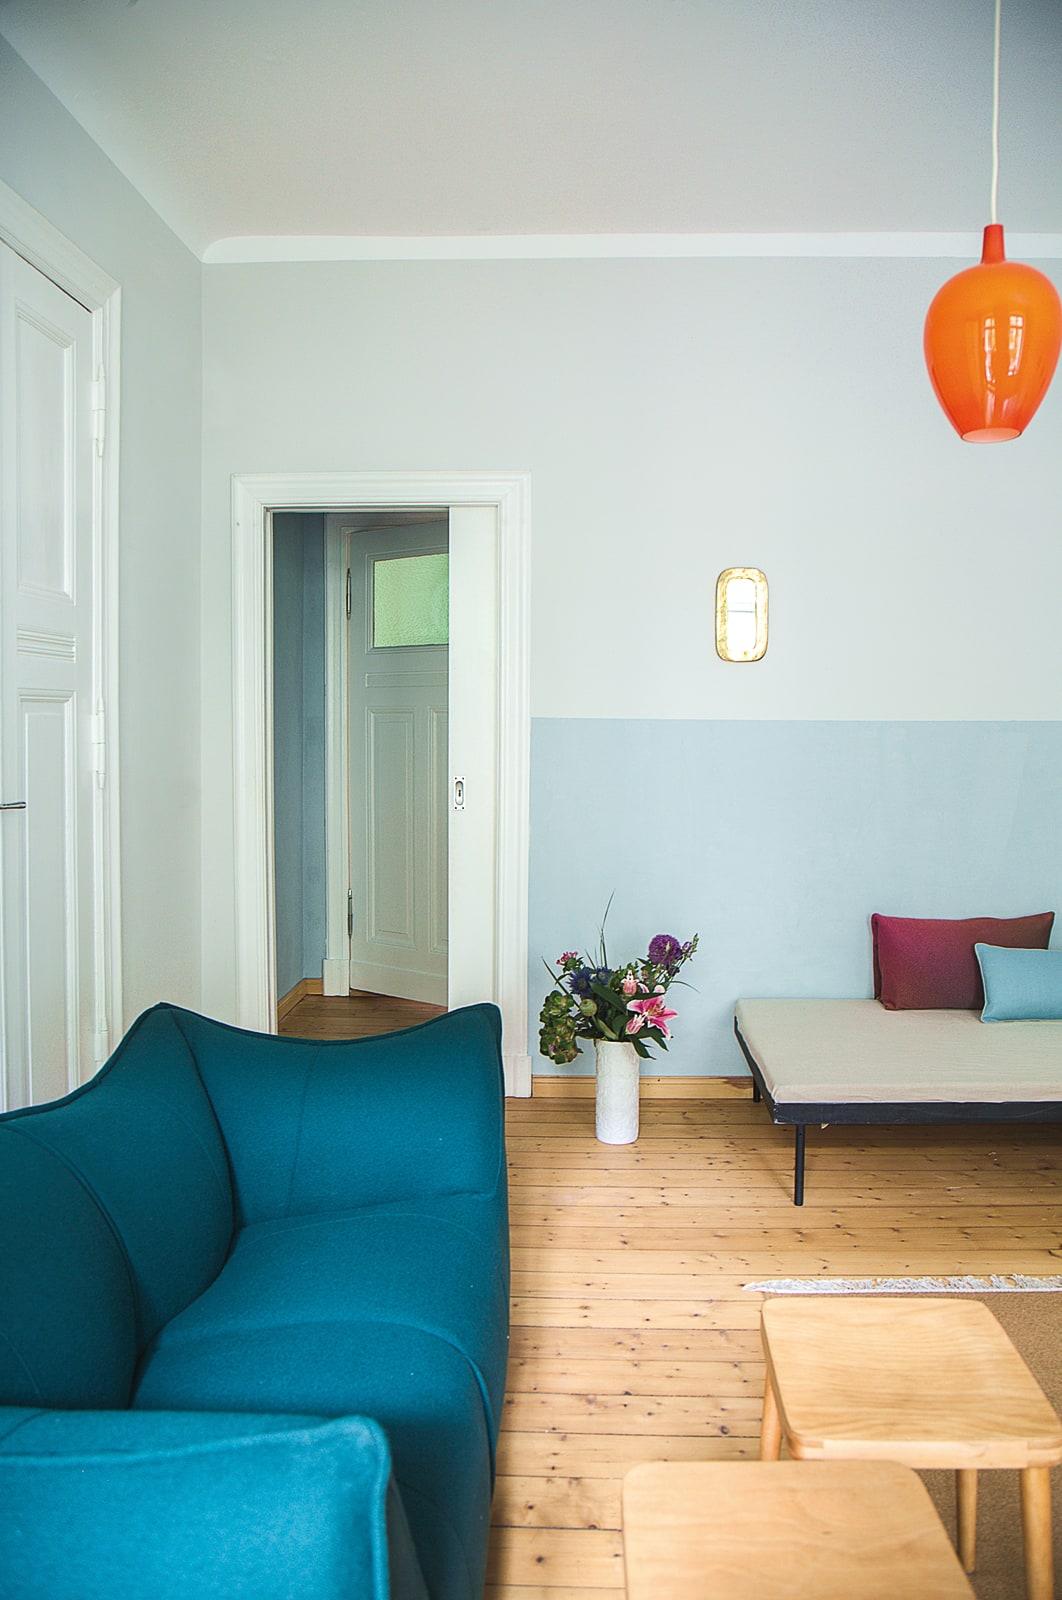 zementfliesen-terrazzofliesen-kreidefarbe-Eisblau-terrazzo-fugenlos-viaplatten-vintagency | Kreidefarbe Eisblau 2500 ml